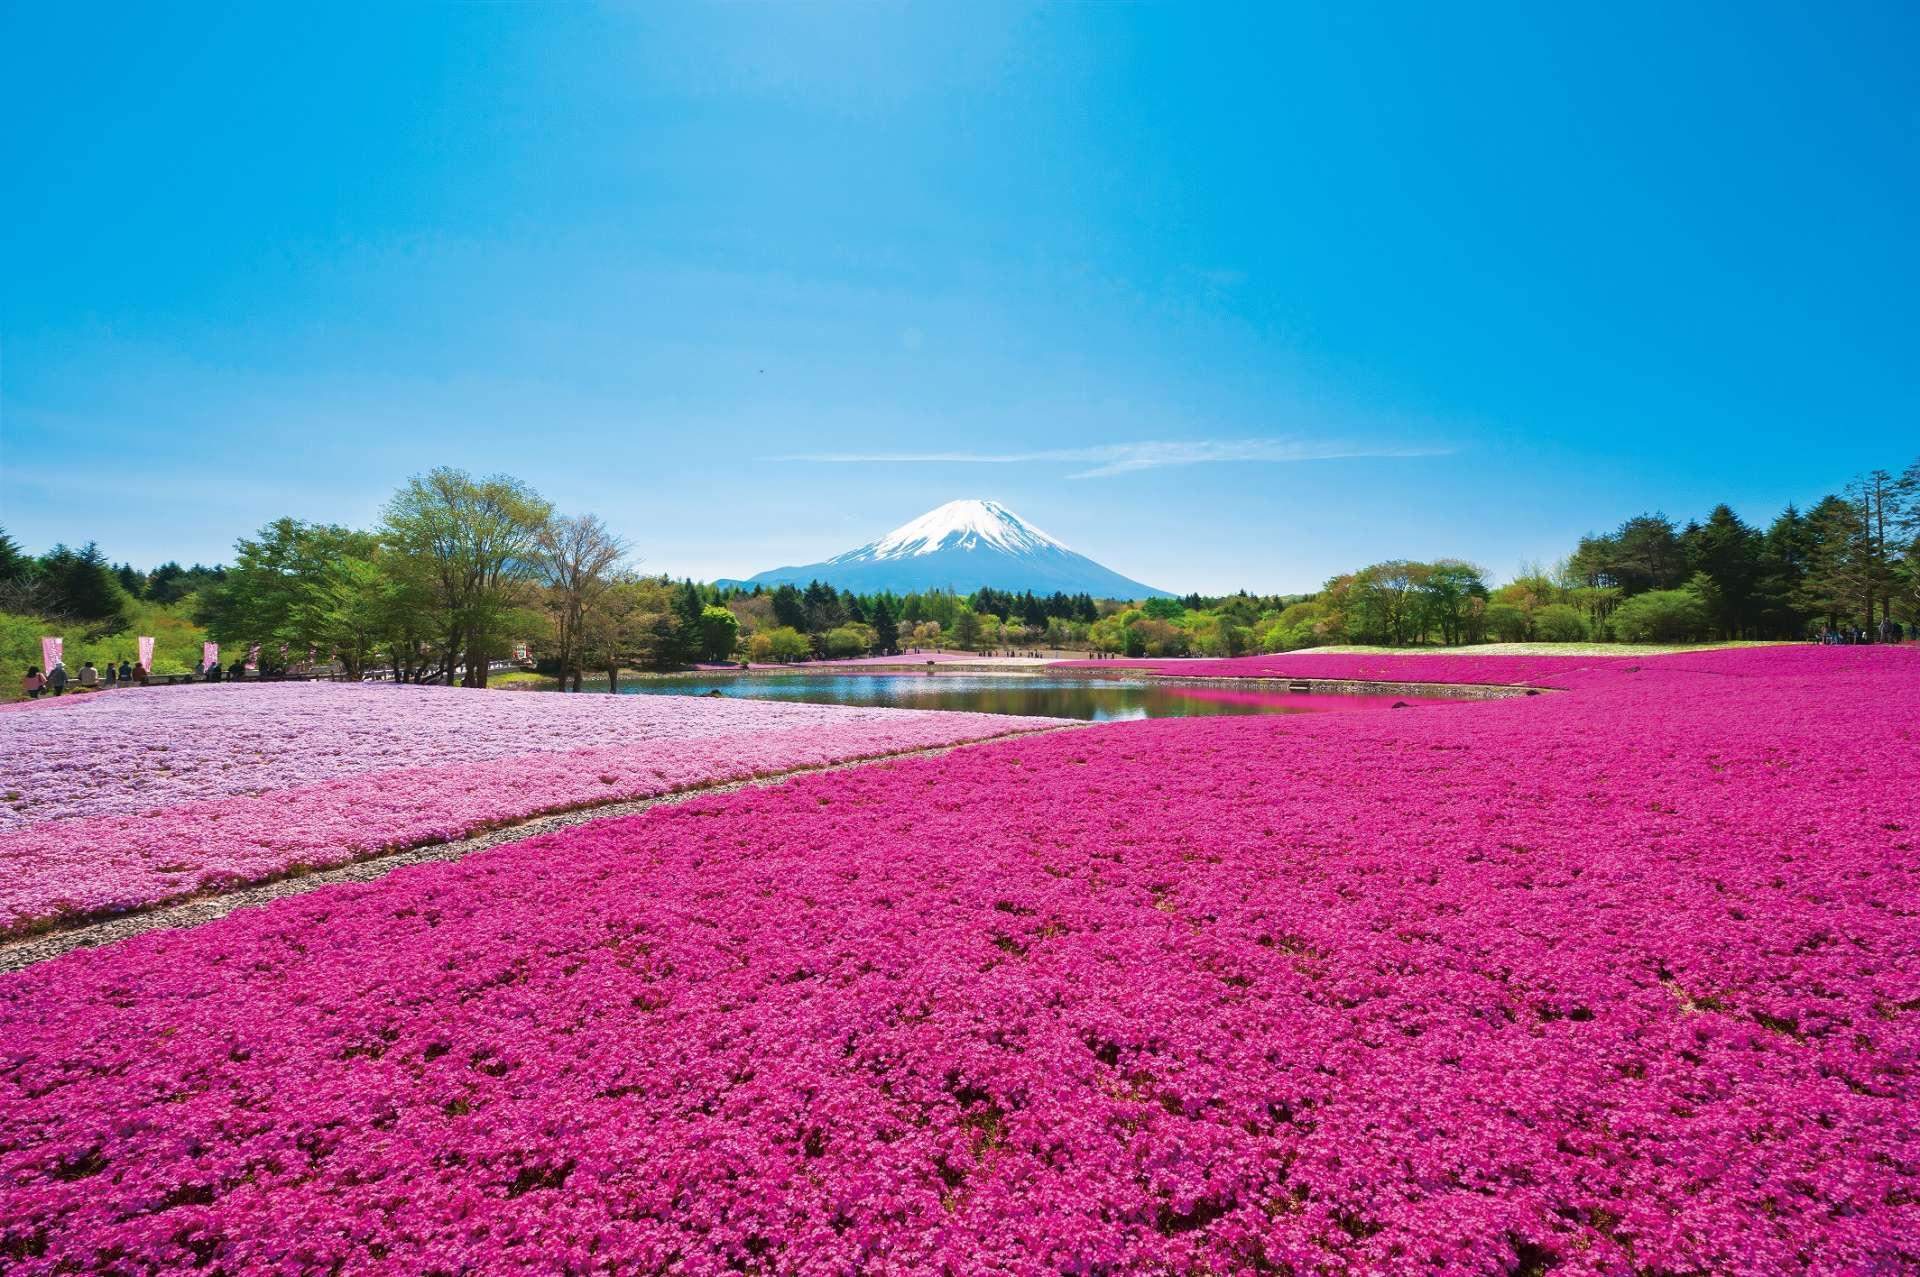 会场内共有8种芝樱盛开,可以欣赏到色彩缤纷的景致。